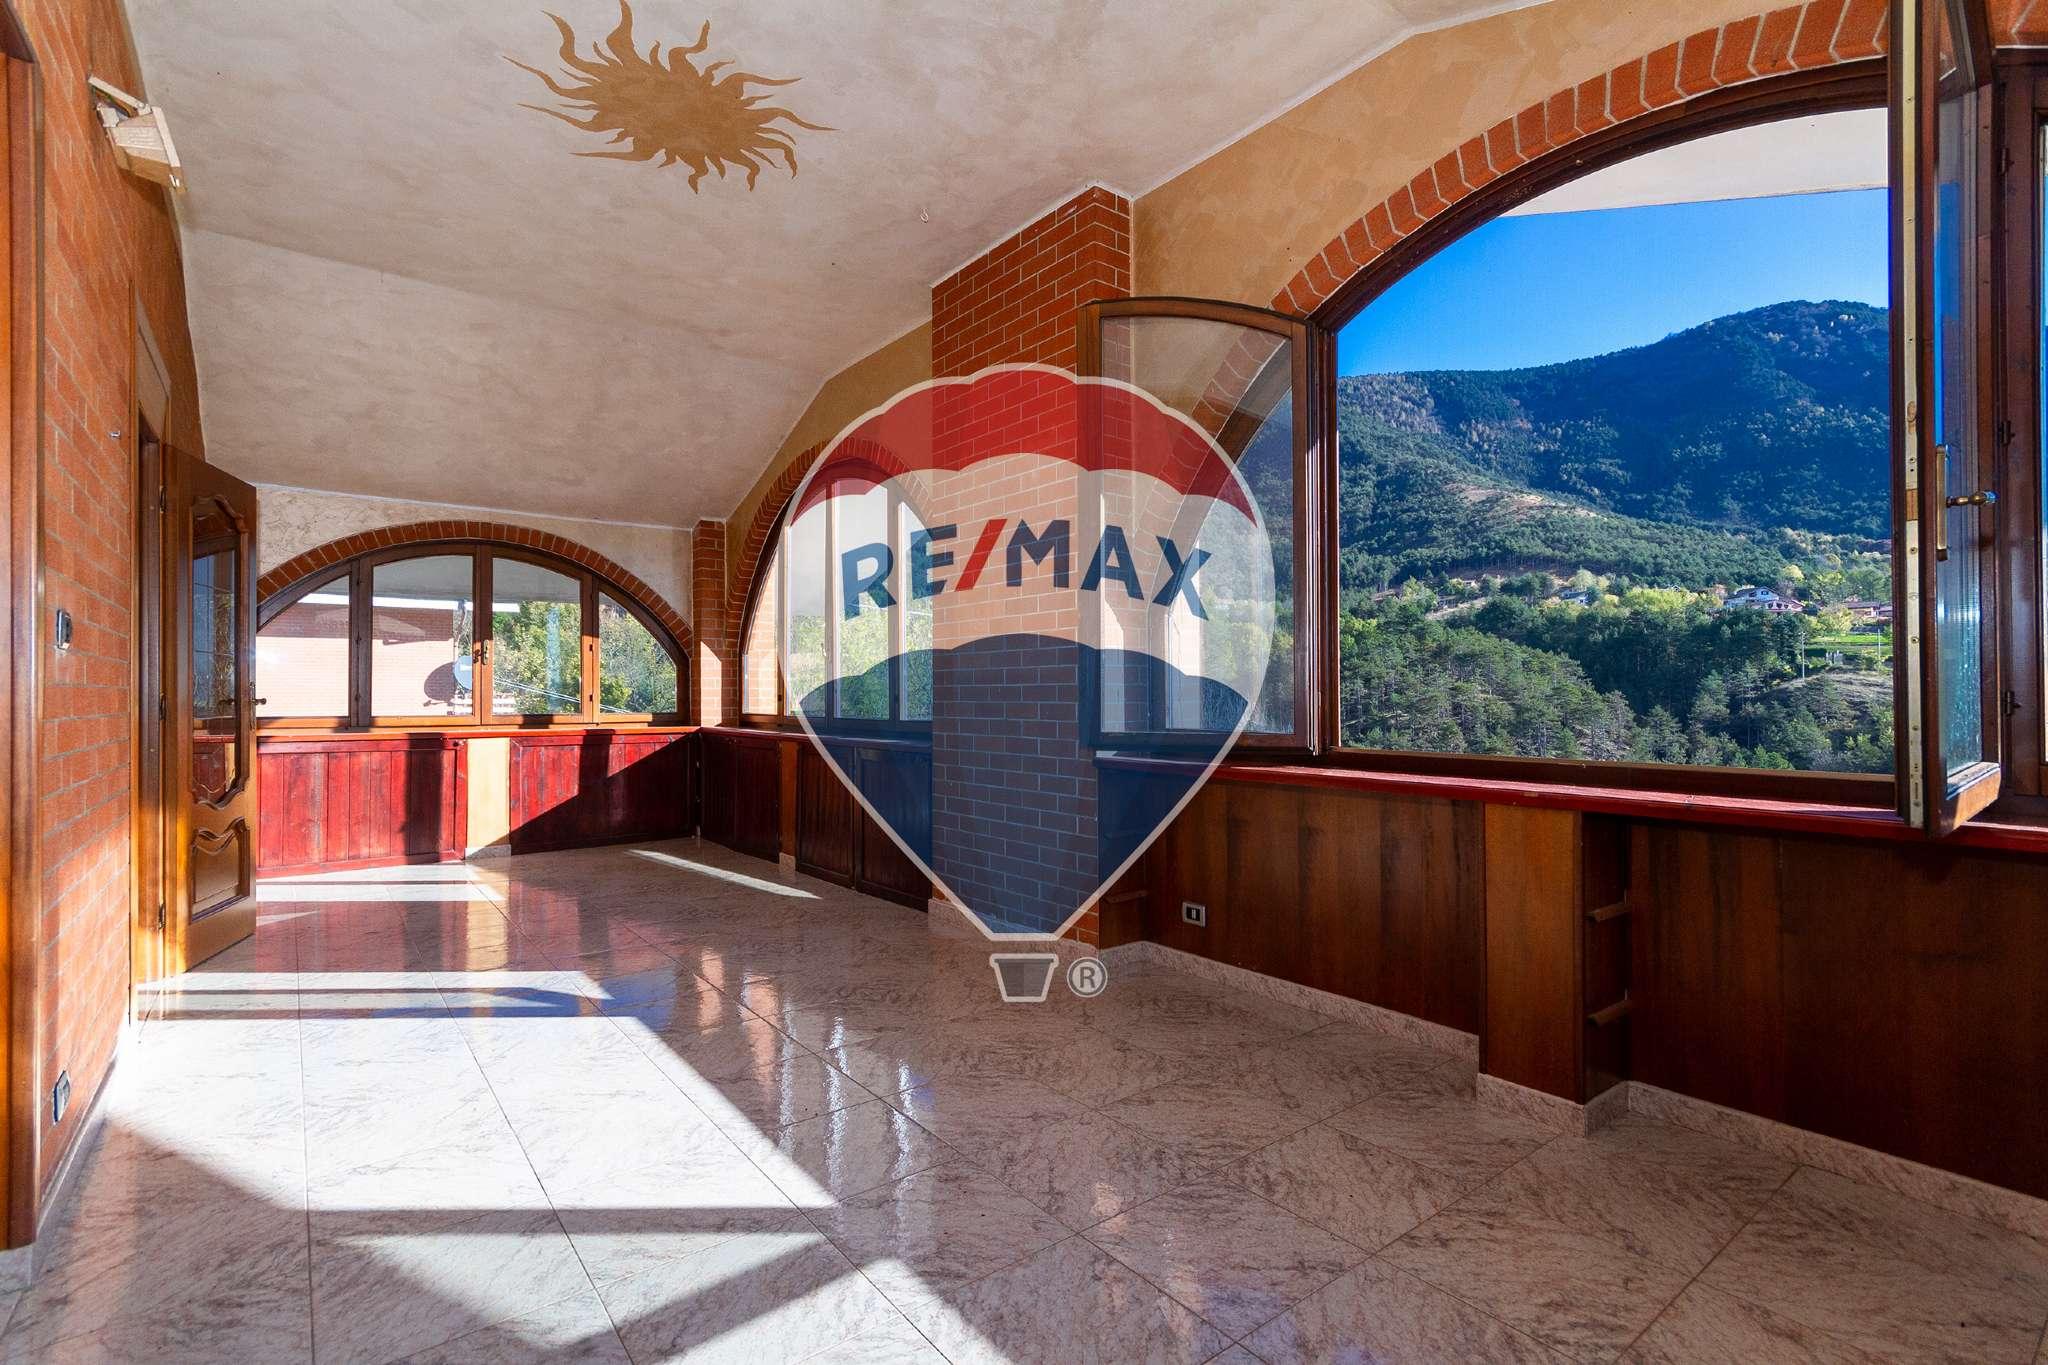 Villa in vendita a Rubiana, 9999 locali, prezzo € 250.000 | PortaleAgenzieImmobiliari.it